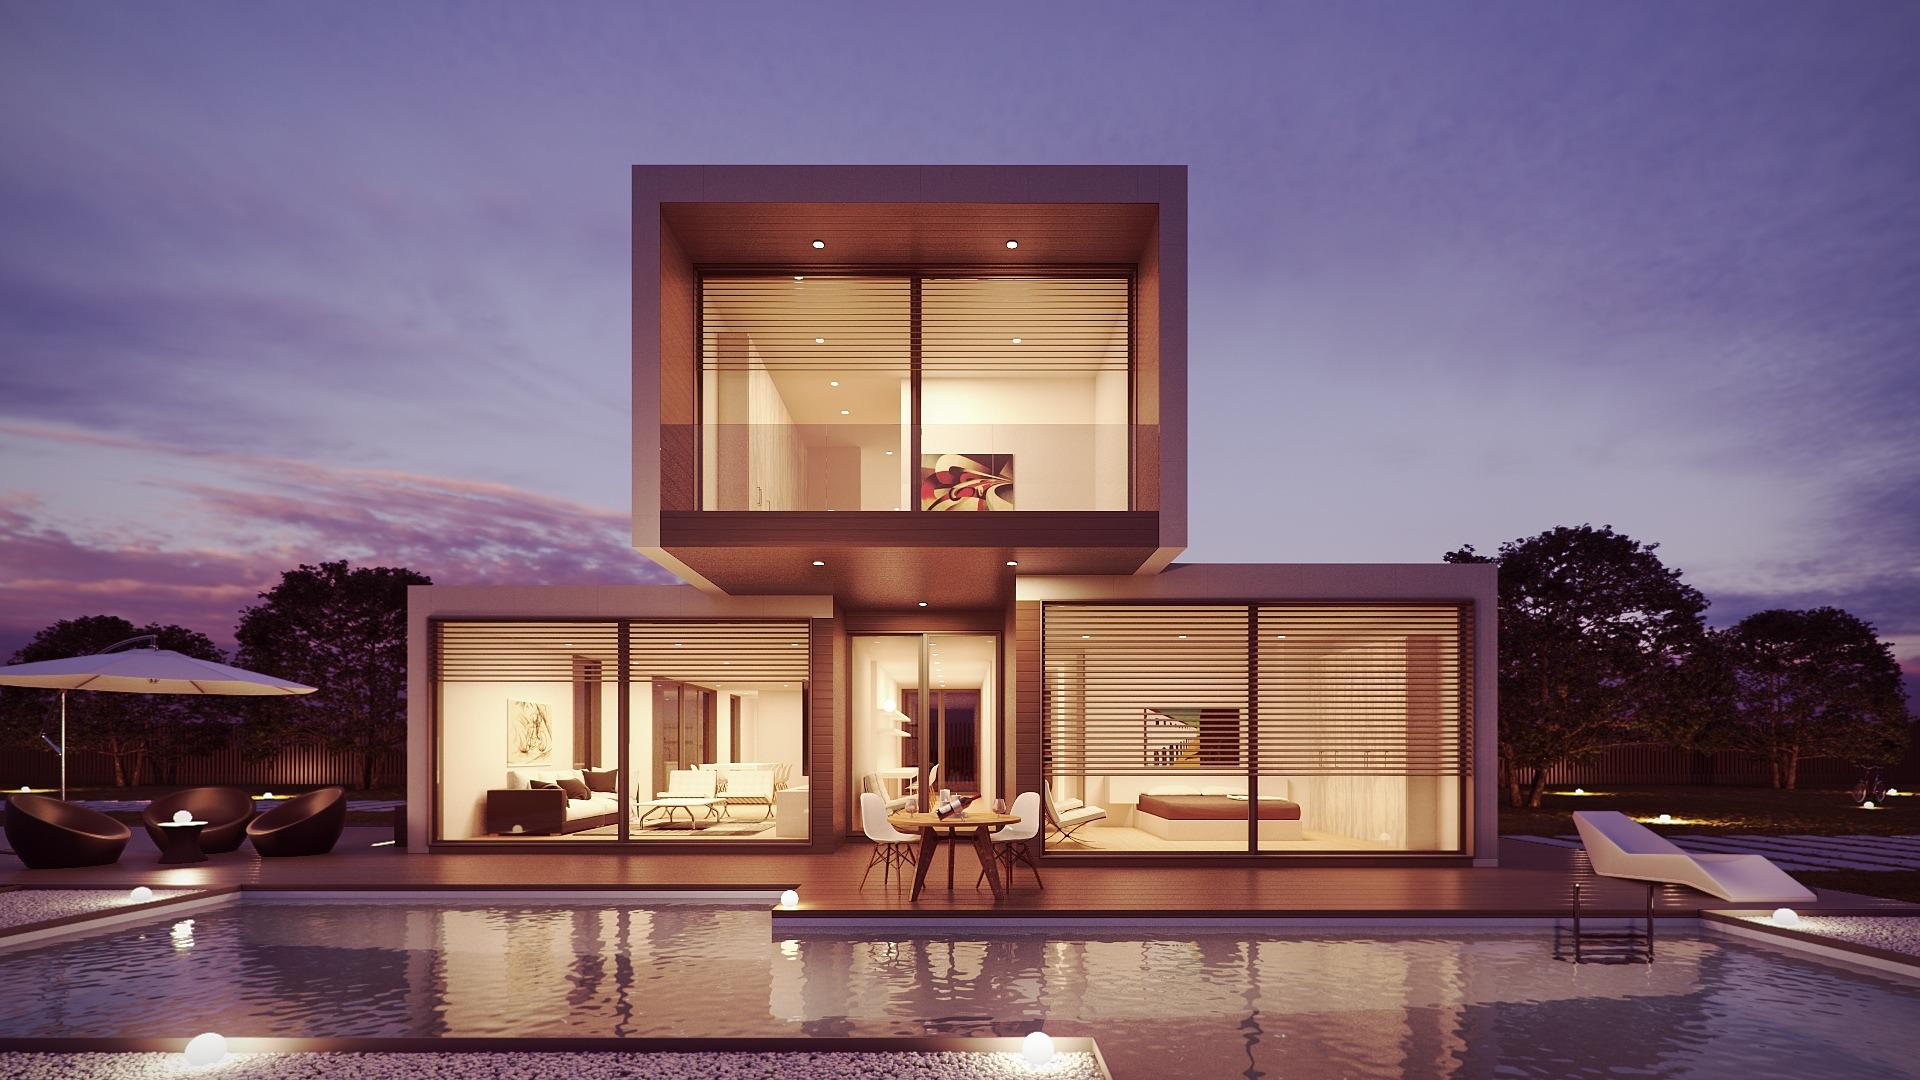 Realidad Virtual y Real Estate 11 | Virtual Reality and Real Estate 11